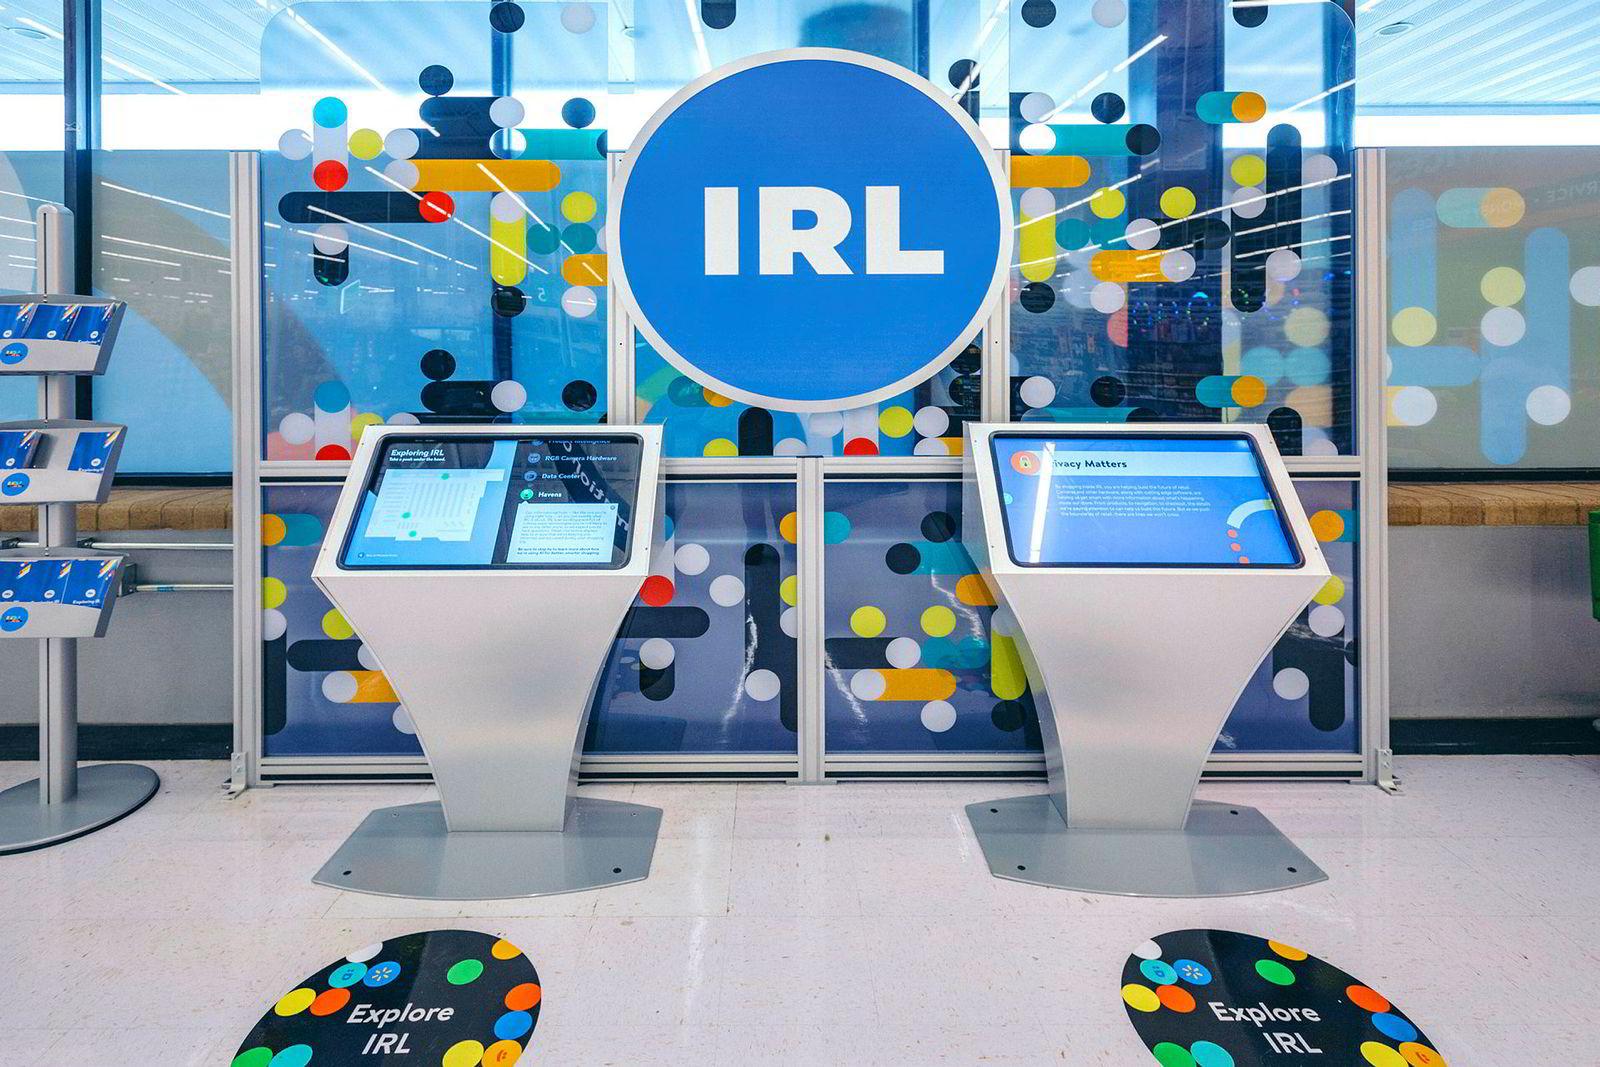 Walmarts nye Intelligent Retail Lab i utkanten av New York skal ta dagligvaregigantens bruk av kunstig intelligens til et nytt nivå.